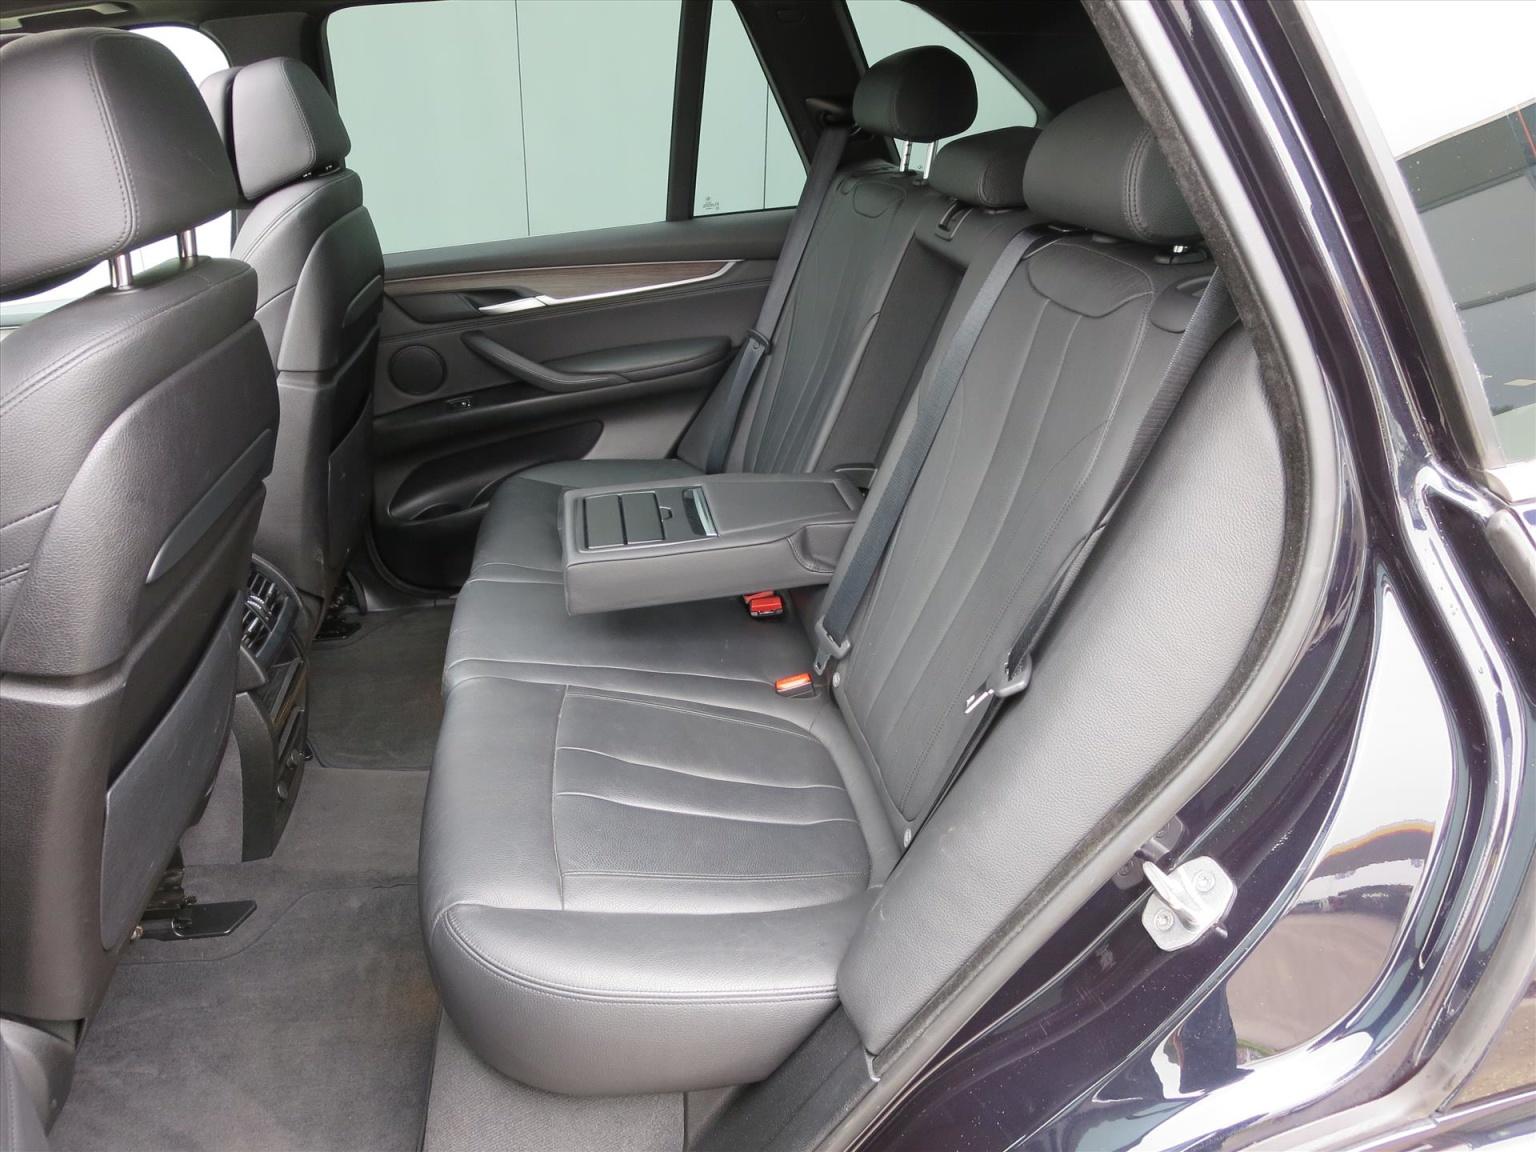 BMW-X5-9